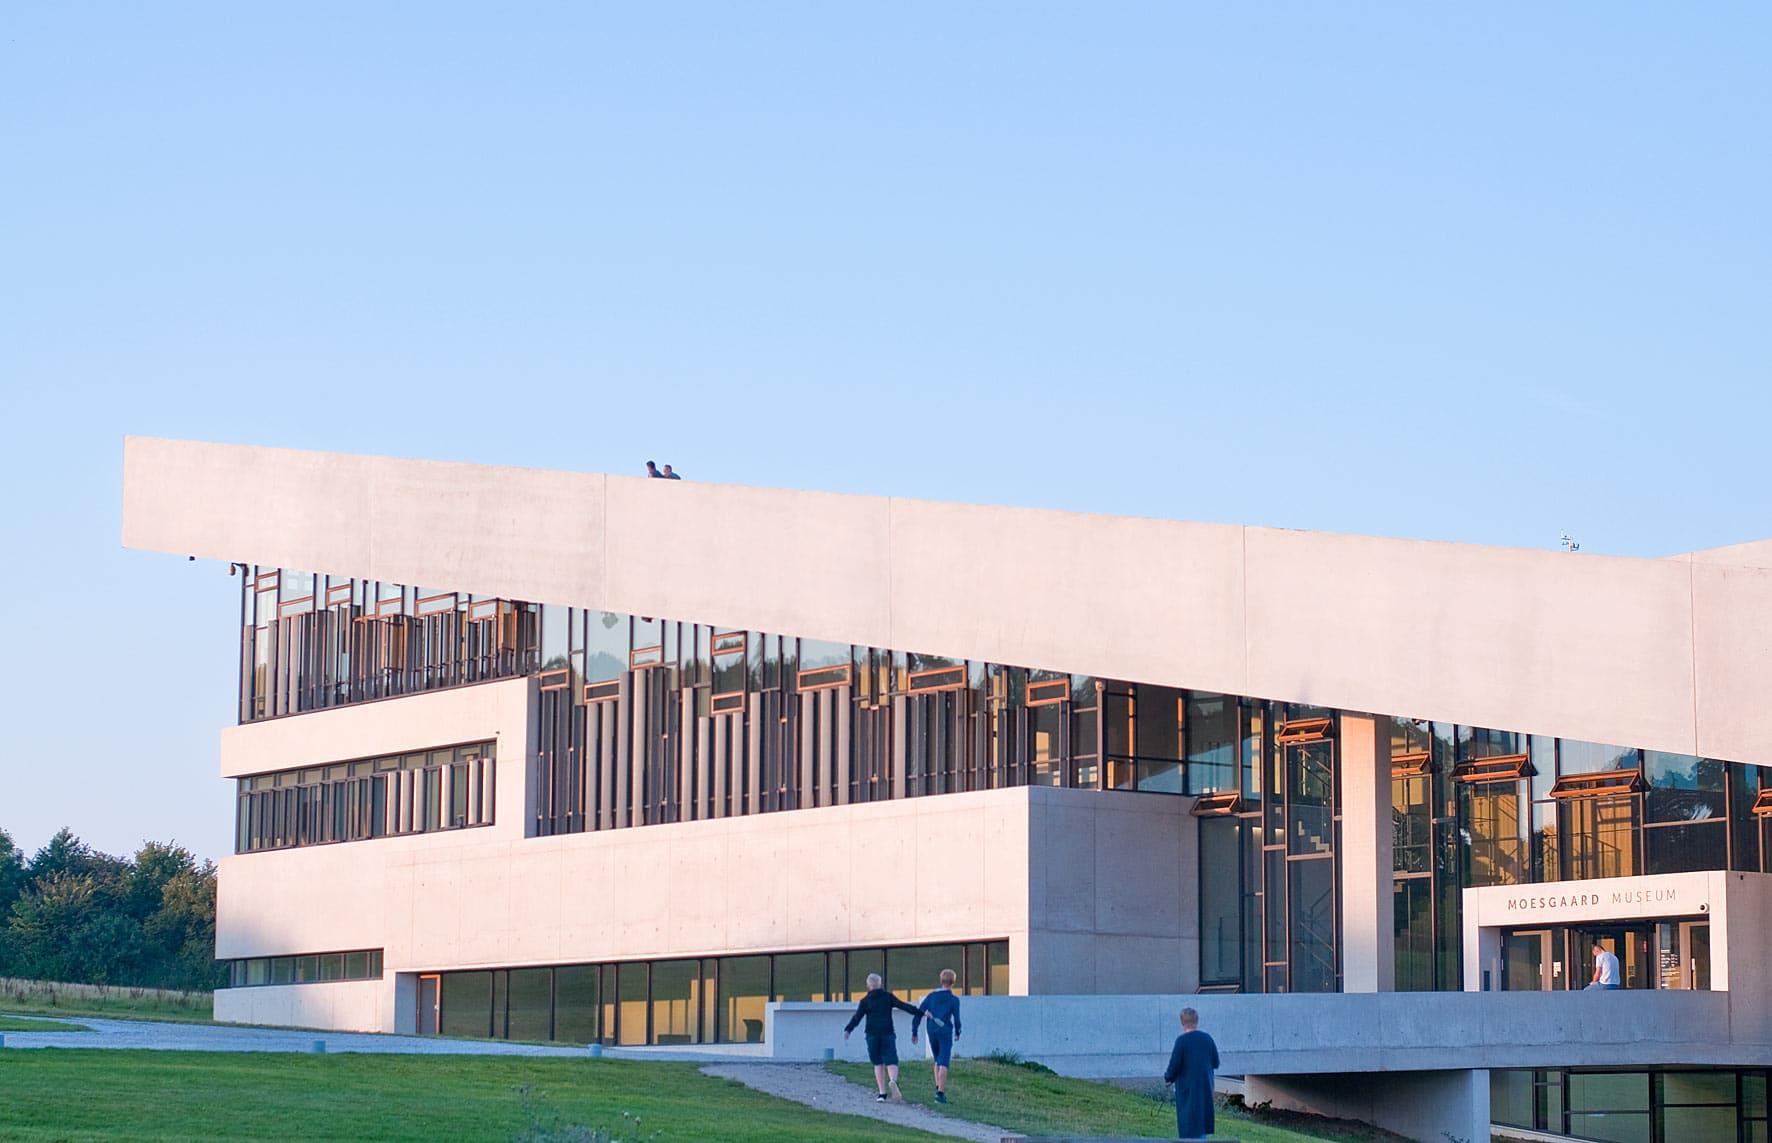 MOMU Moesgaard Museum in Aarhus